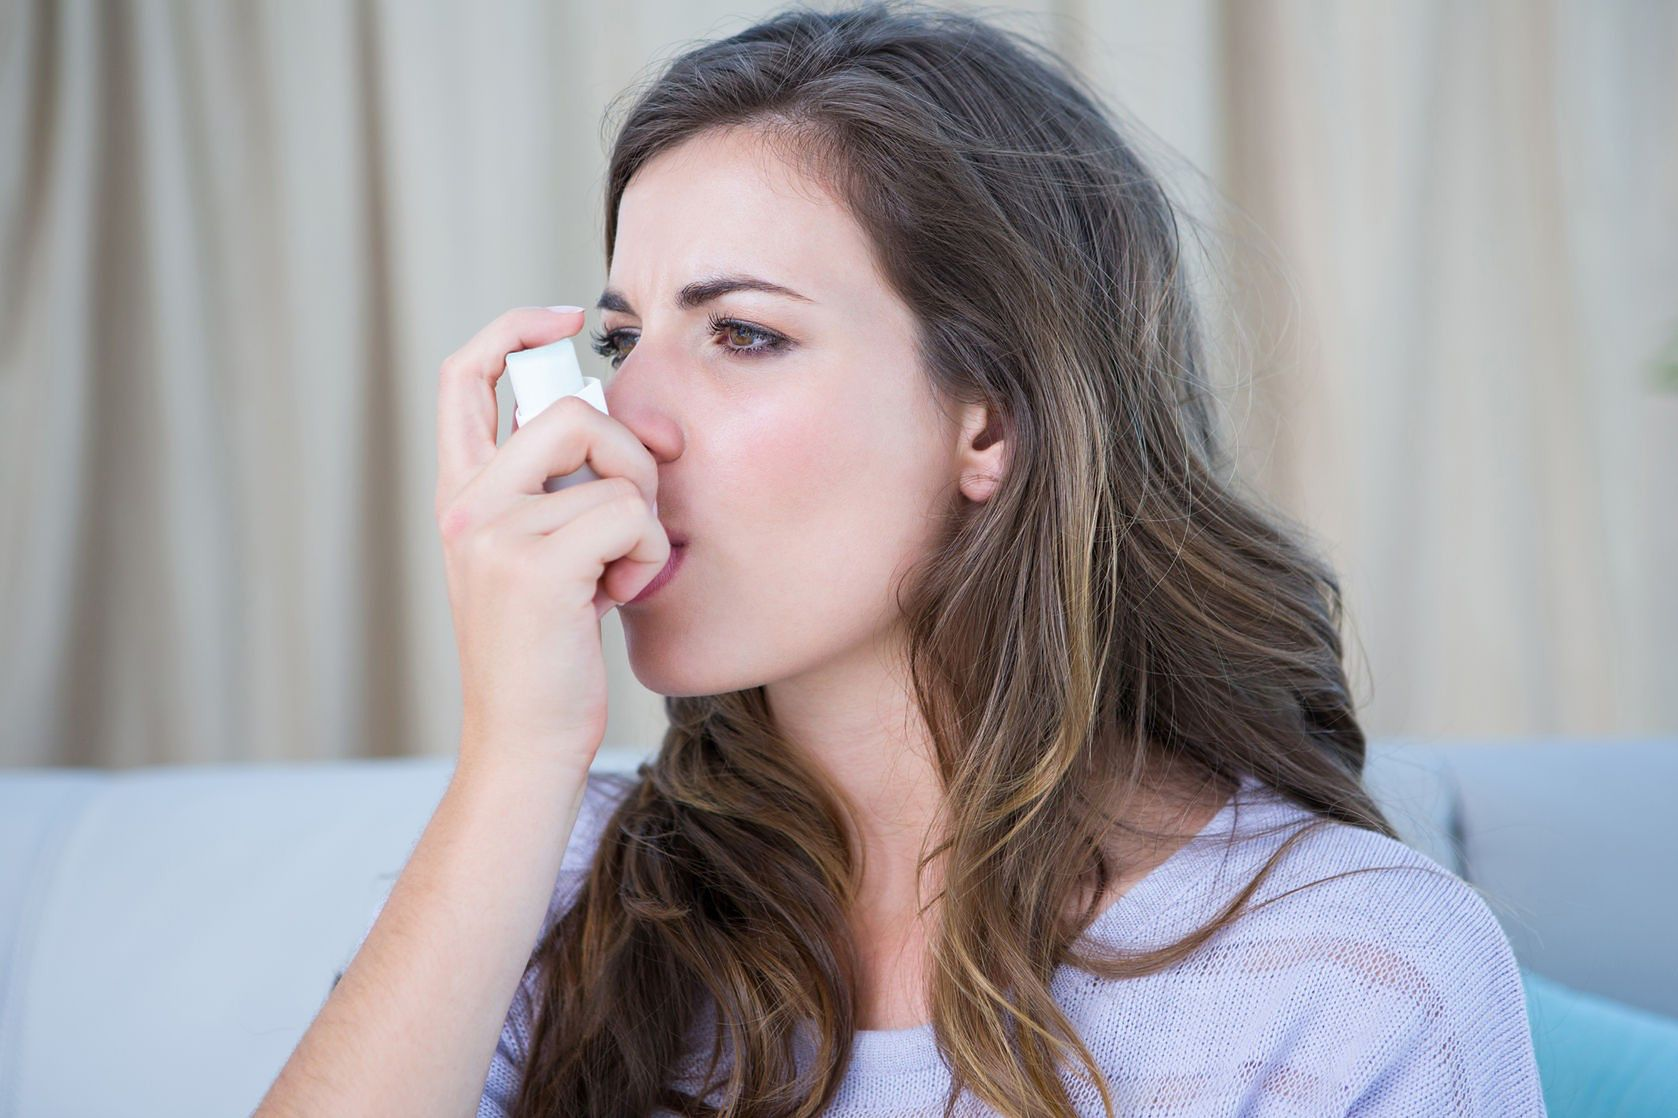 Osoby chore na mukowiscydozę często cierpią z powodu przewlekłych zapaleń płuc